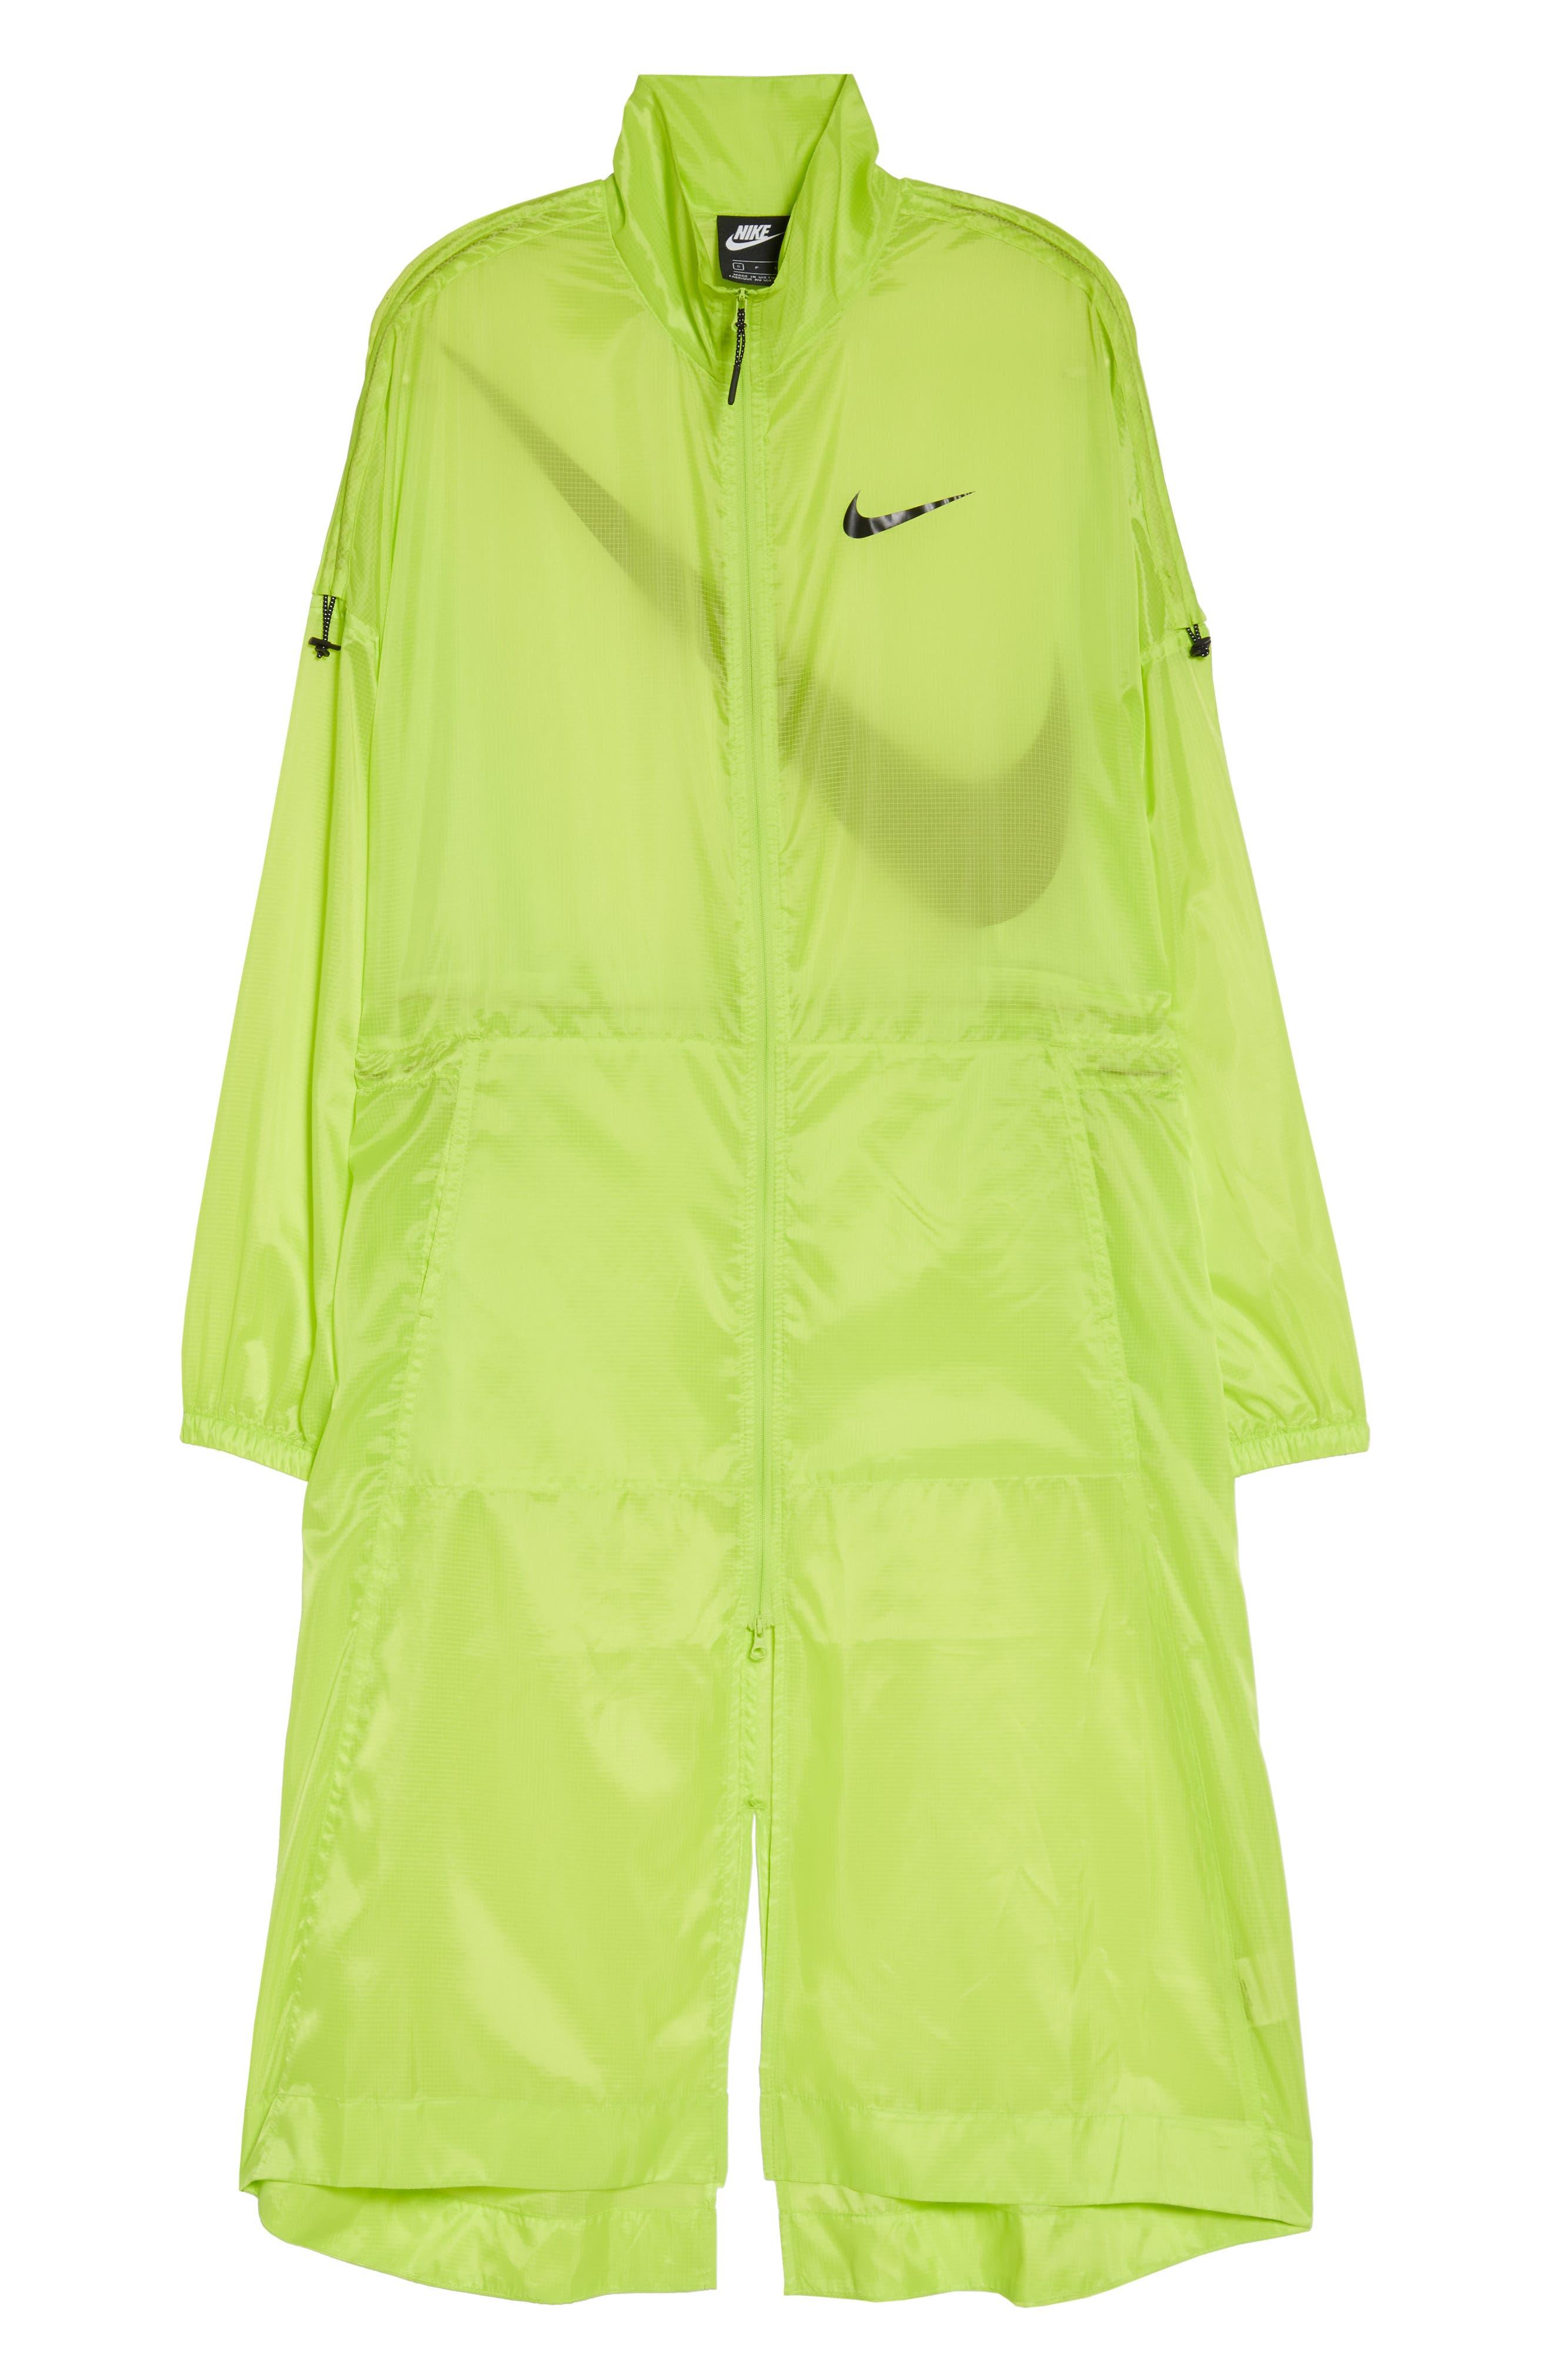 NIKE,                             Sportswear Women's Woven Jacket,                             Alternate thumbnail 6, color,                             CYBER/ BLACK